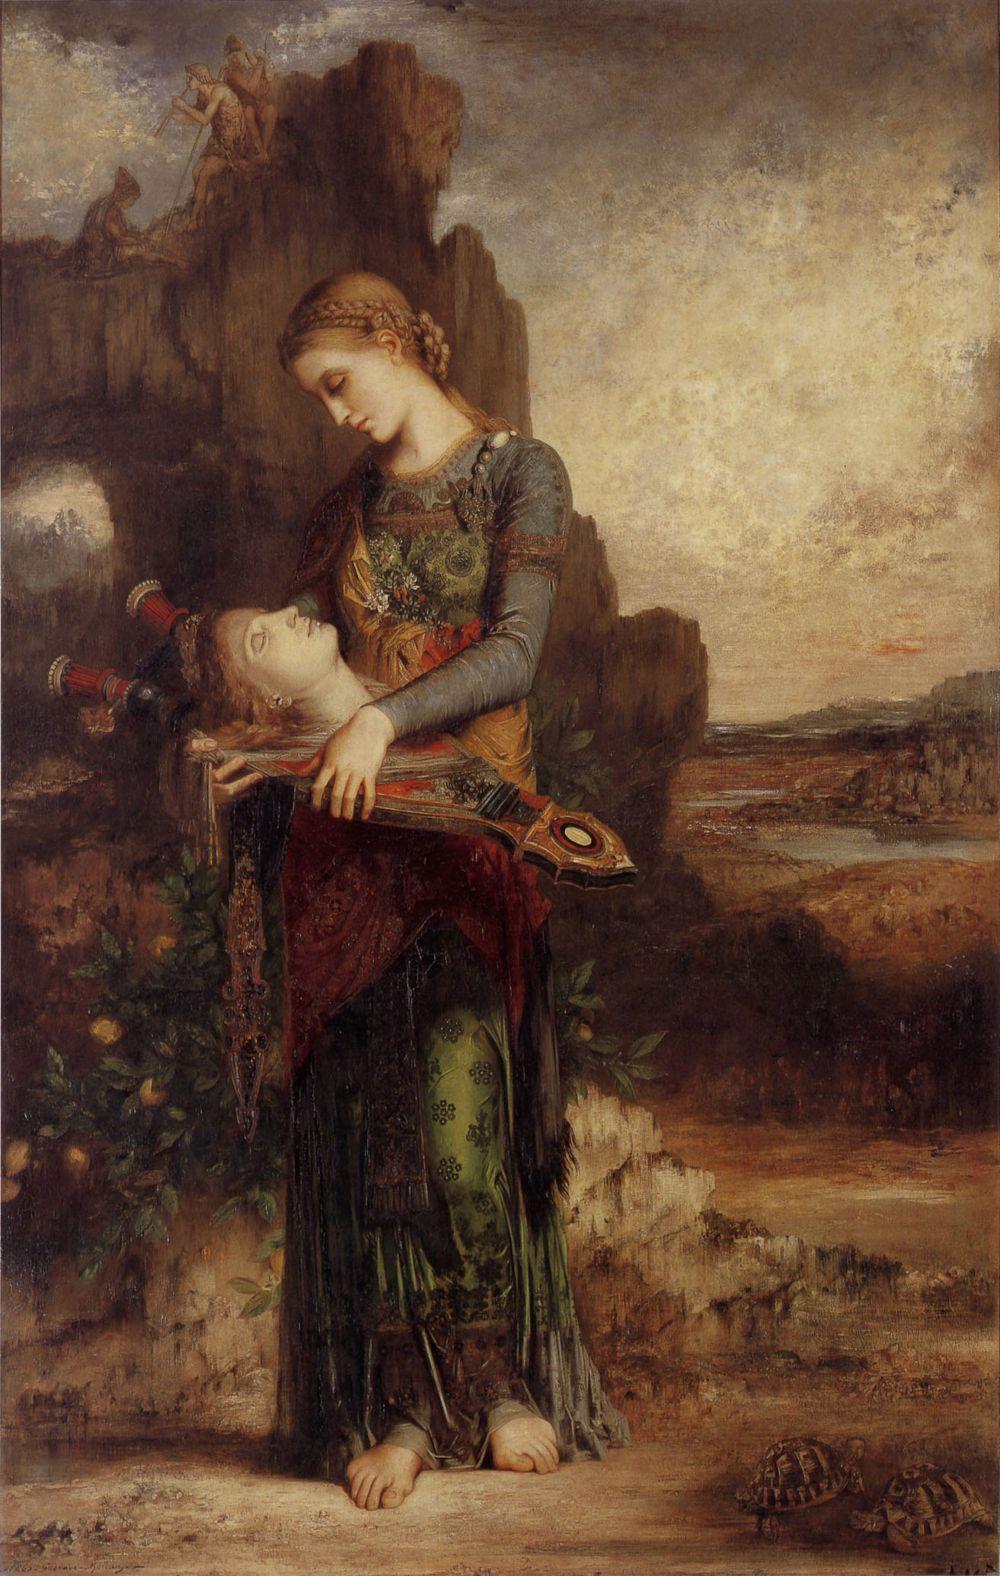 Een Thracische vrouw draagt het hoofd van Orpheus en zijn lier - Gustave Moreau, 1865